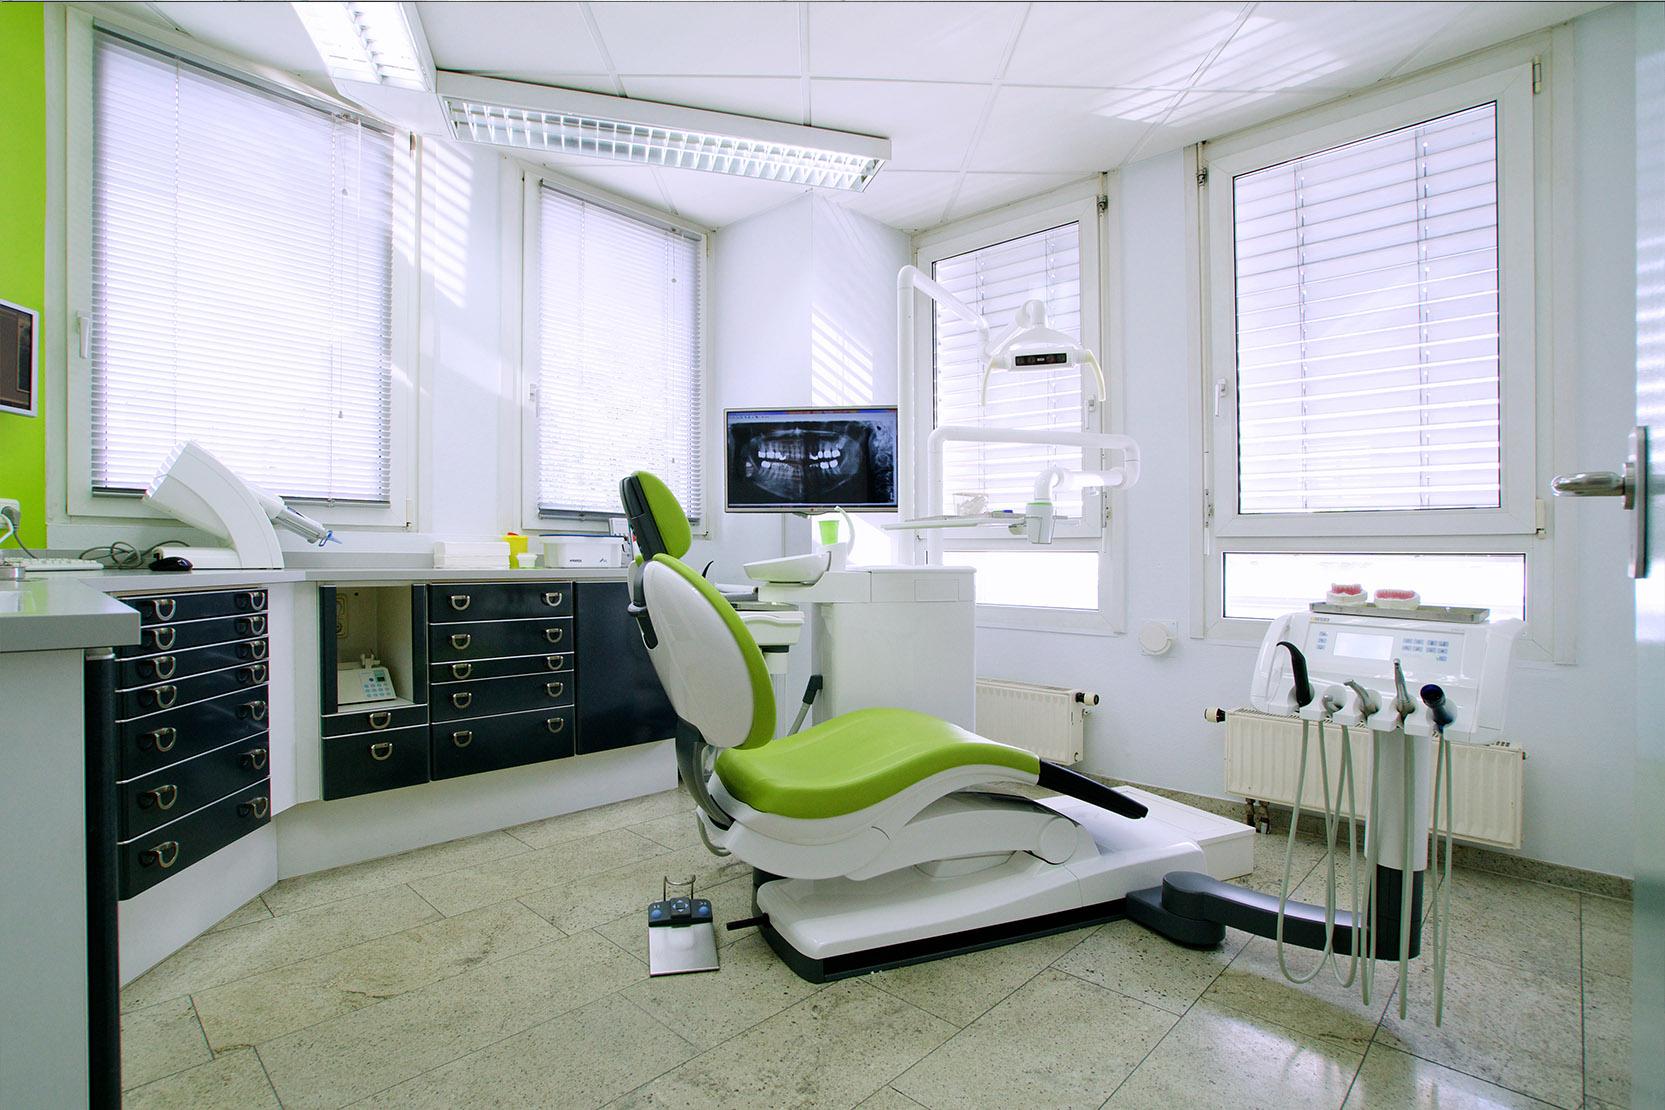 praxis-zahnarzt-denteam-behandlungsraum-2